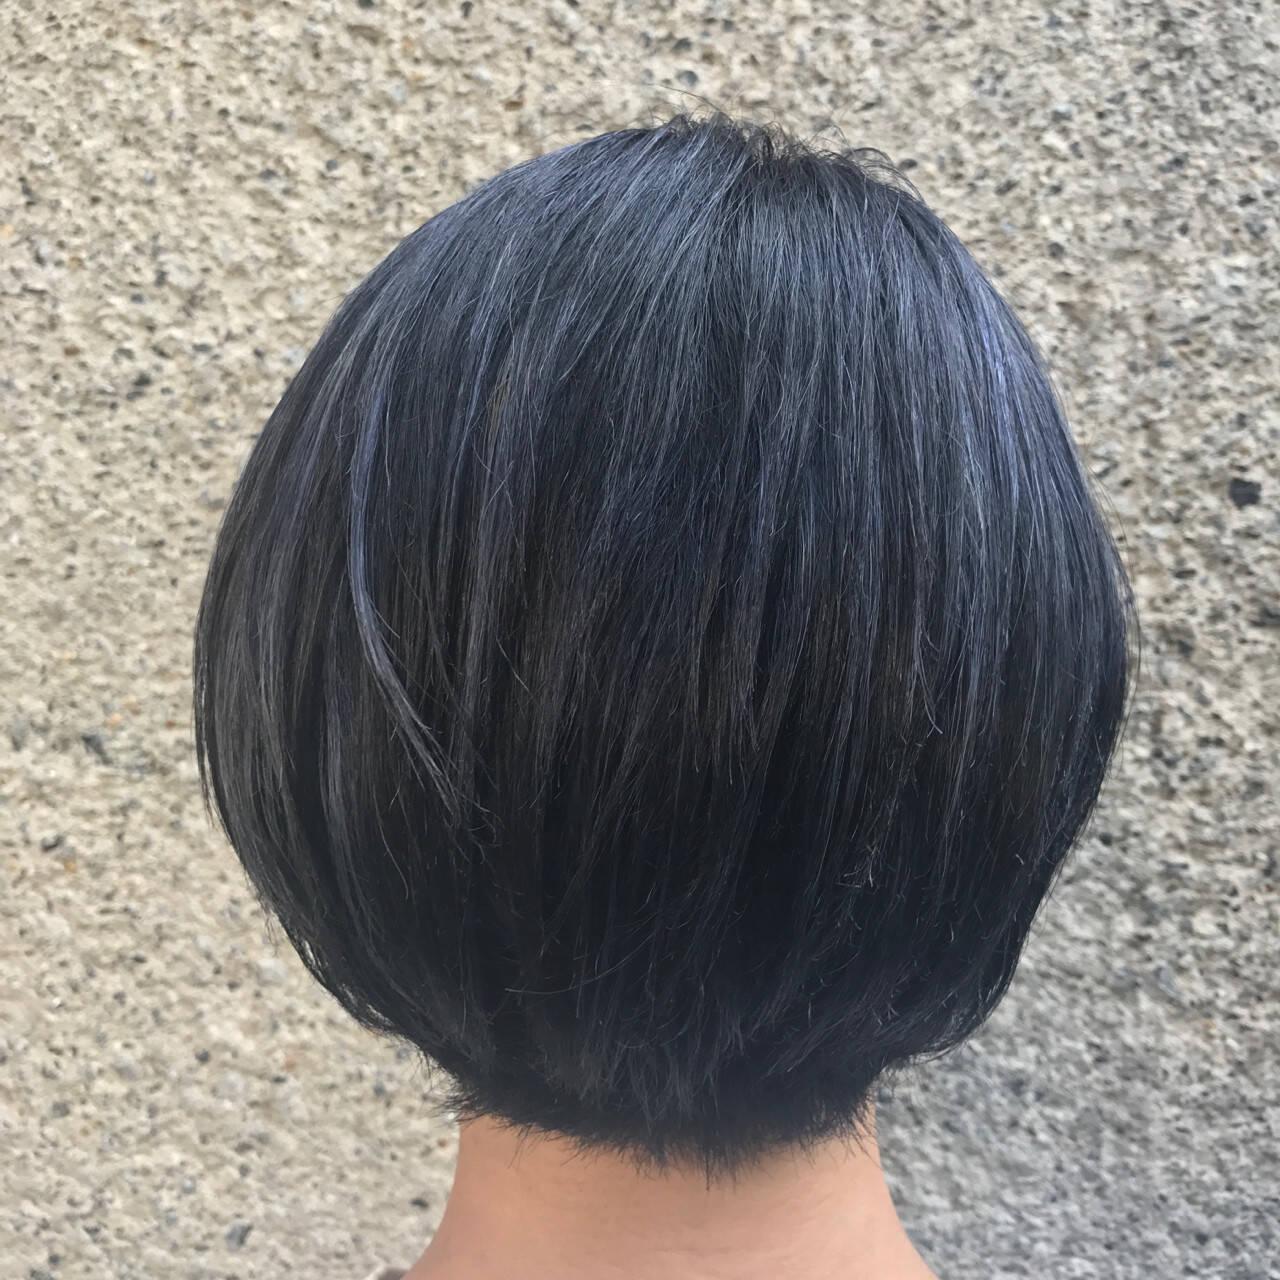 透明感 ハイライト ボブ ブルーブラックヘアスタイルや髪型の写真・画像